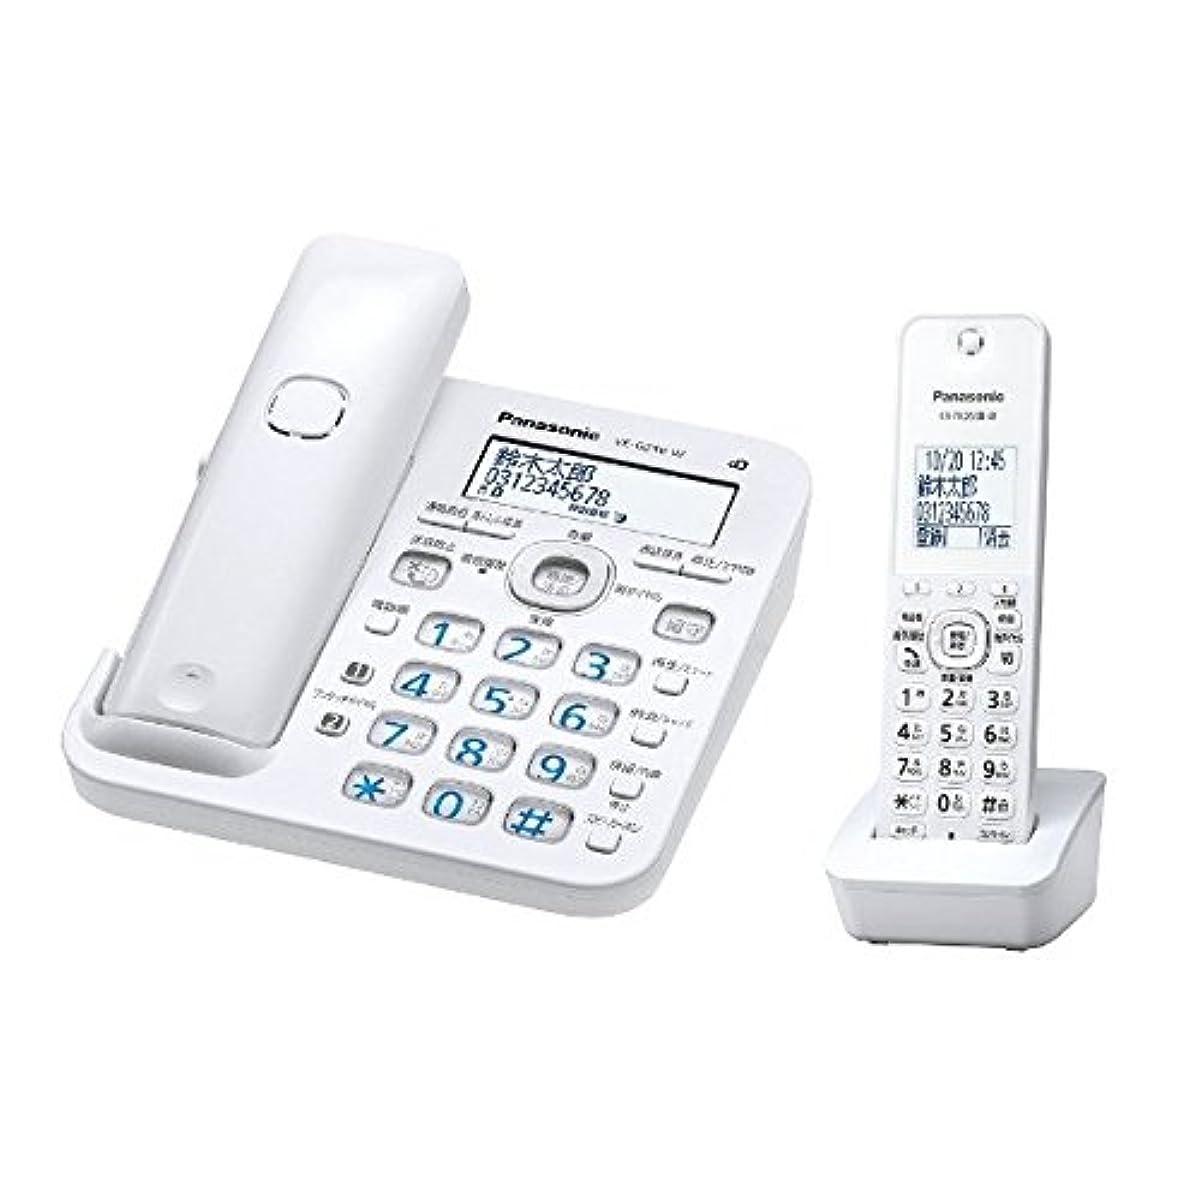 開示する経度利益パイオニア Pioneer TF-FD35S デジタルコードレス電話機 迷惑電話防止 ビターブラウン TF-FD35S(BR)  【国内正規品】